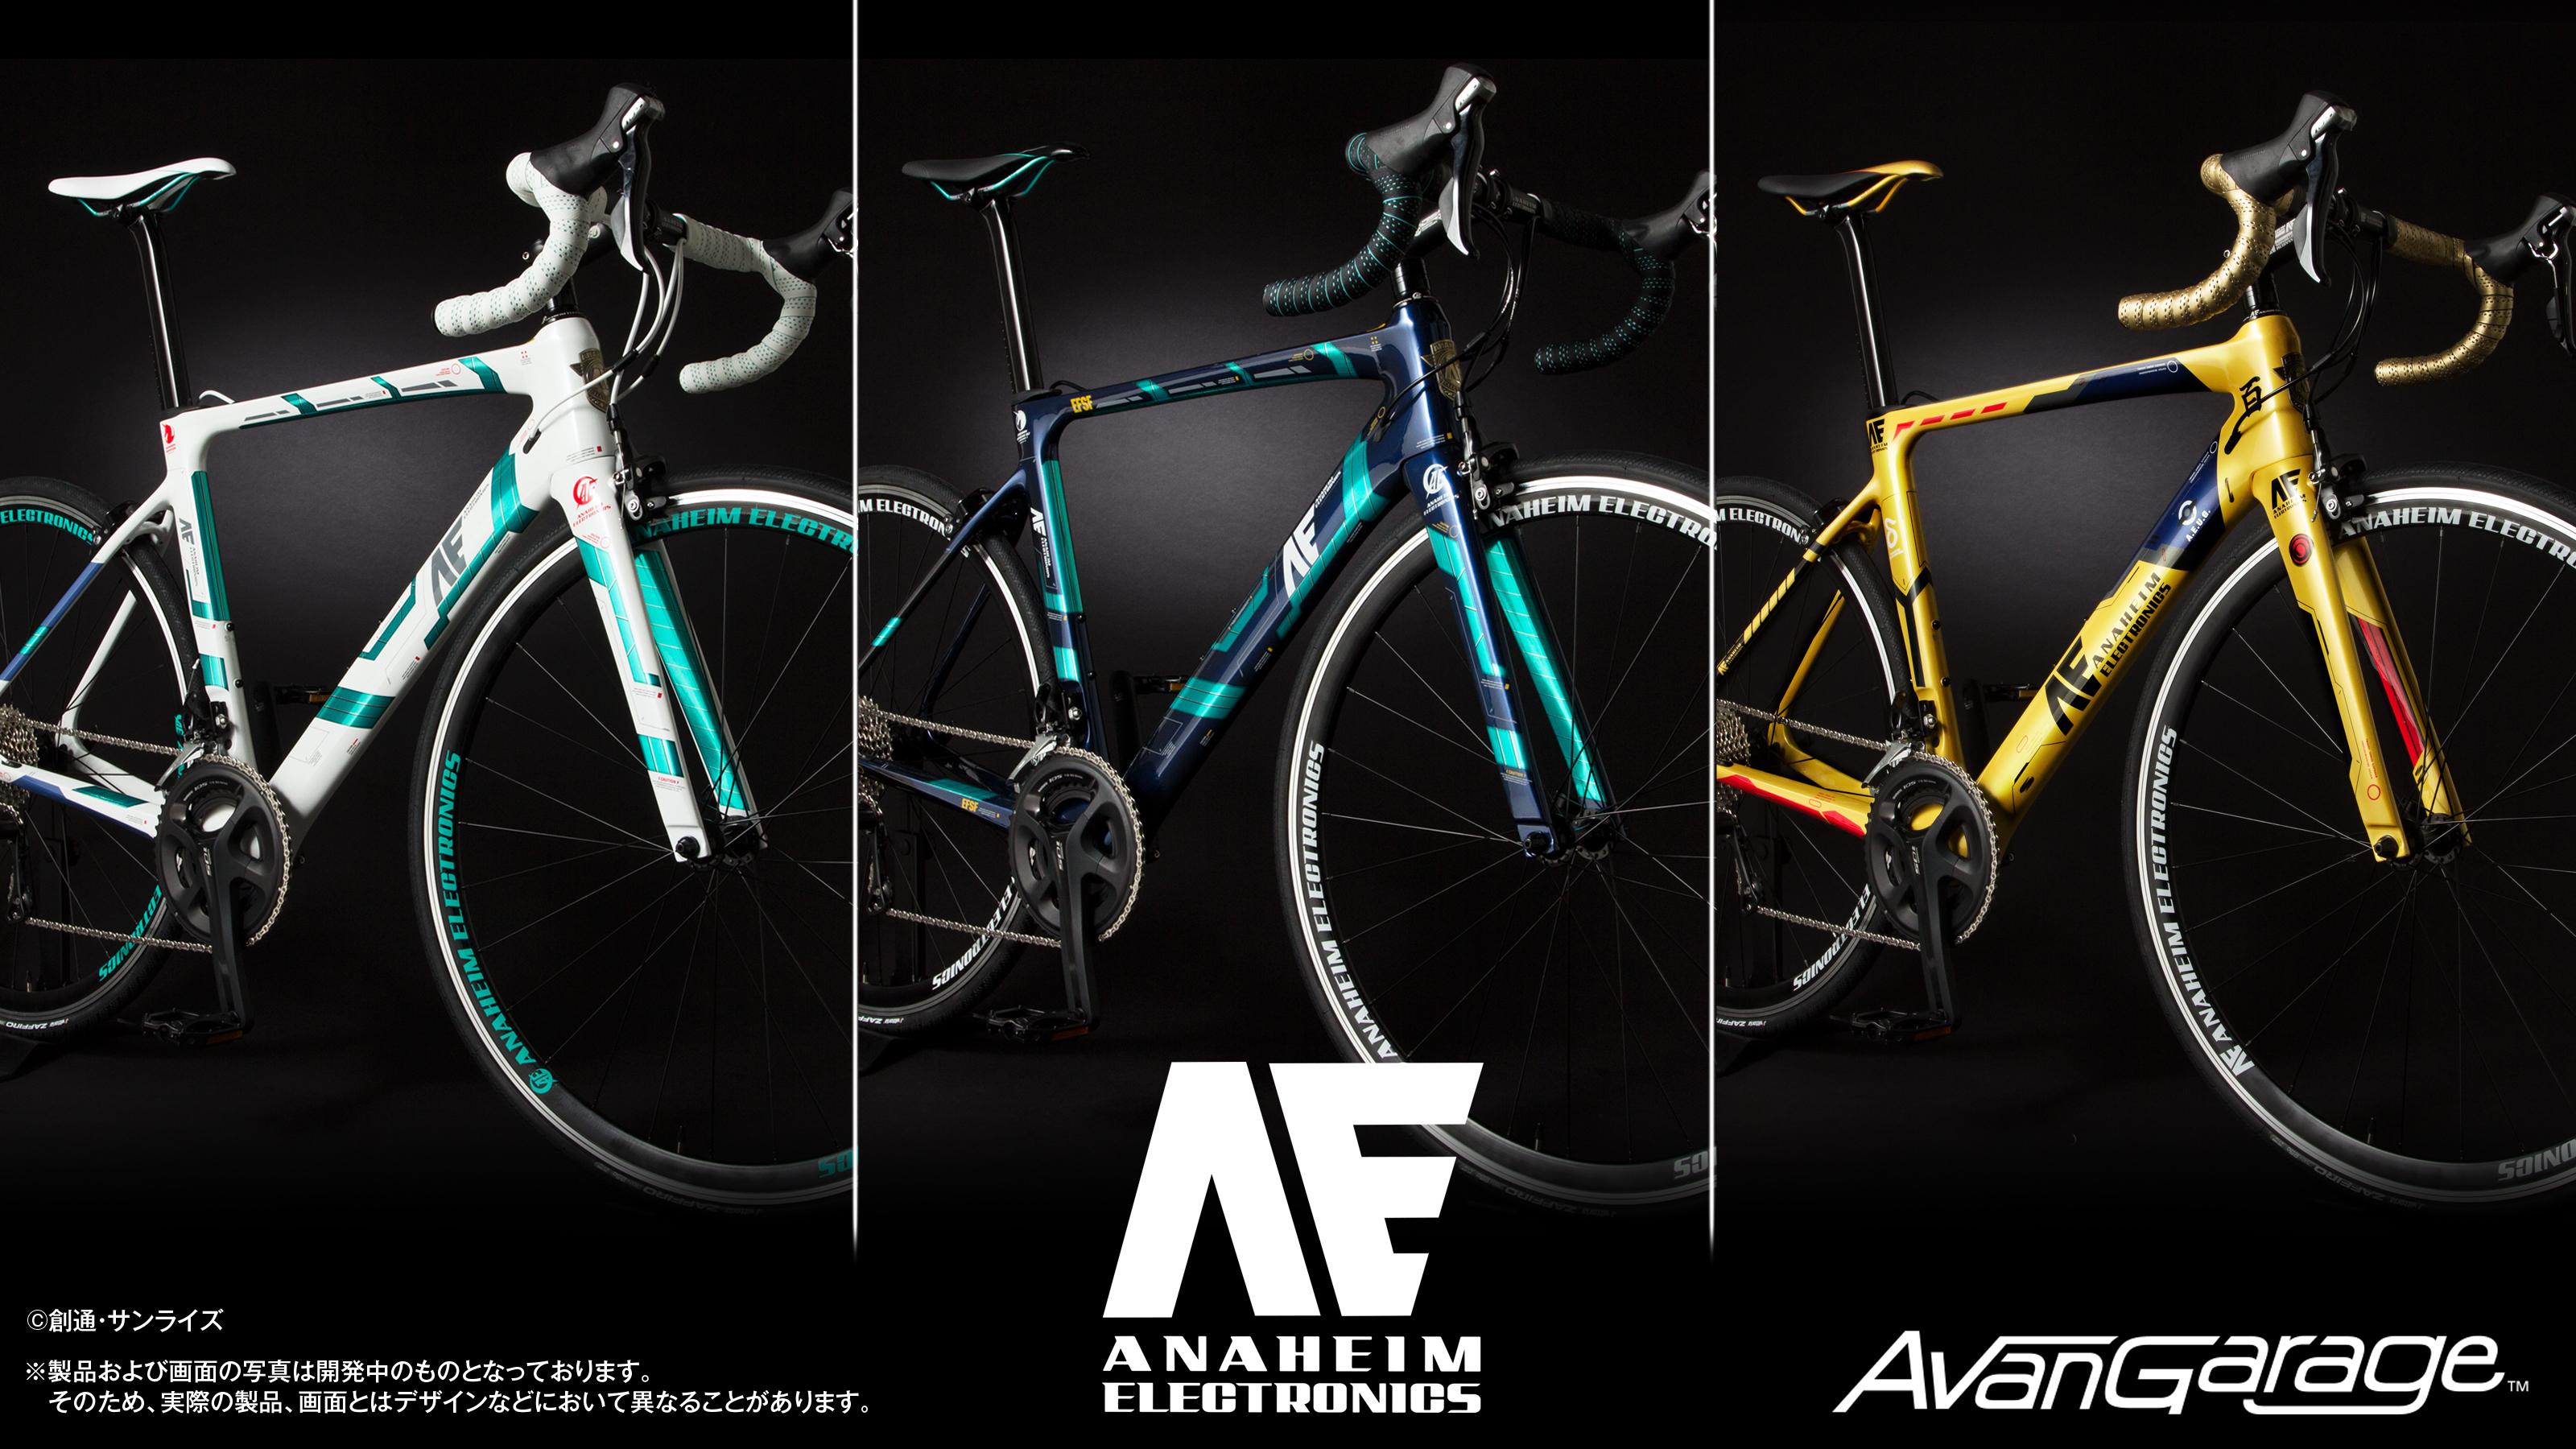 アナハイム・エレクトロニクス社製 ロードバイク